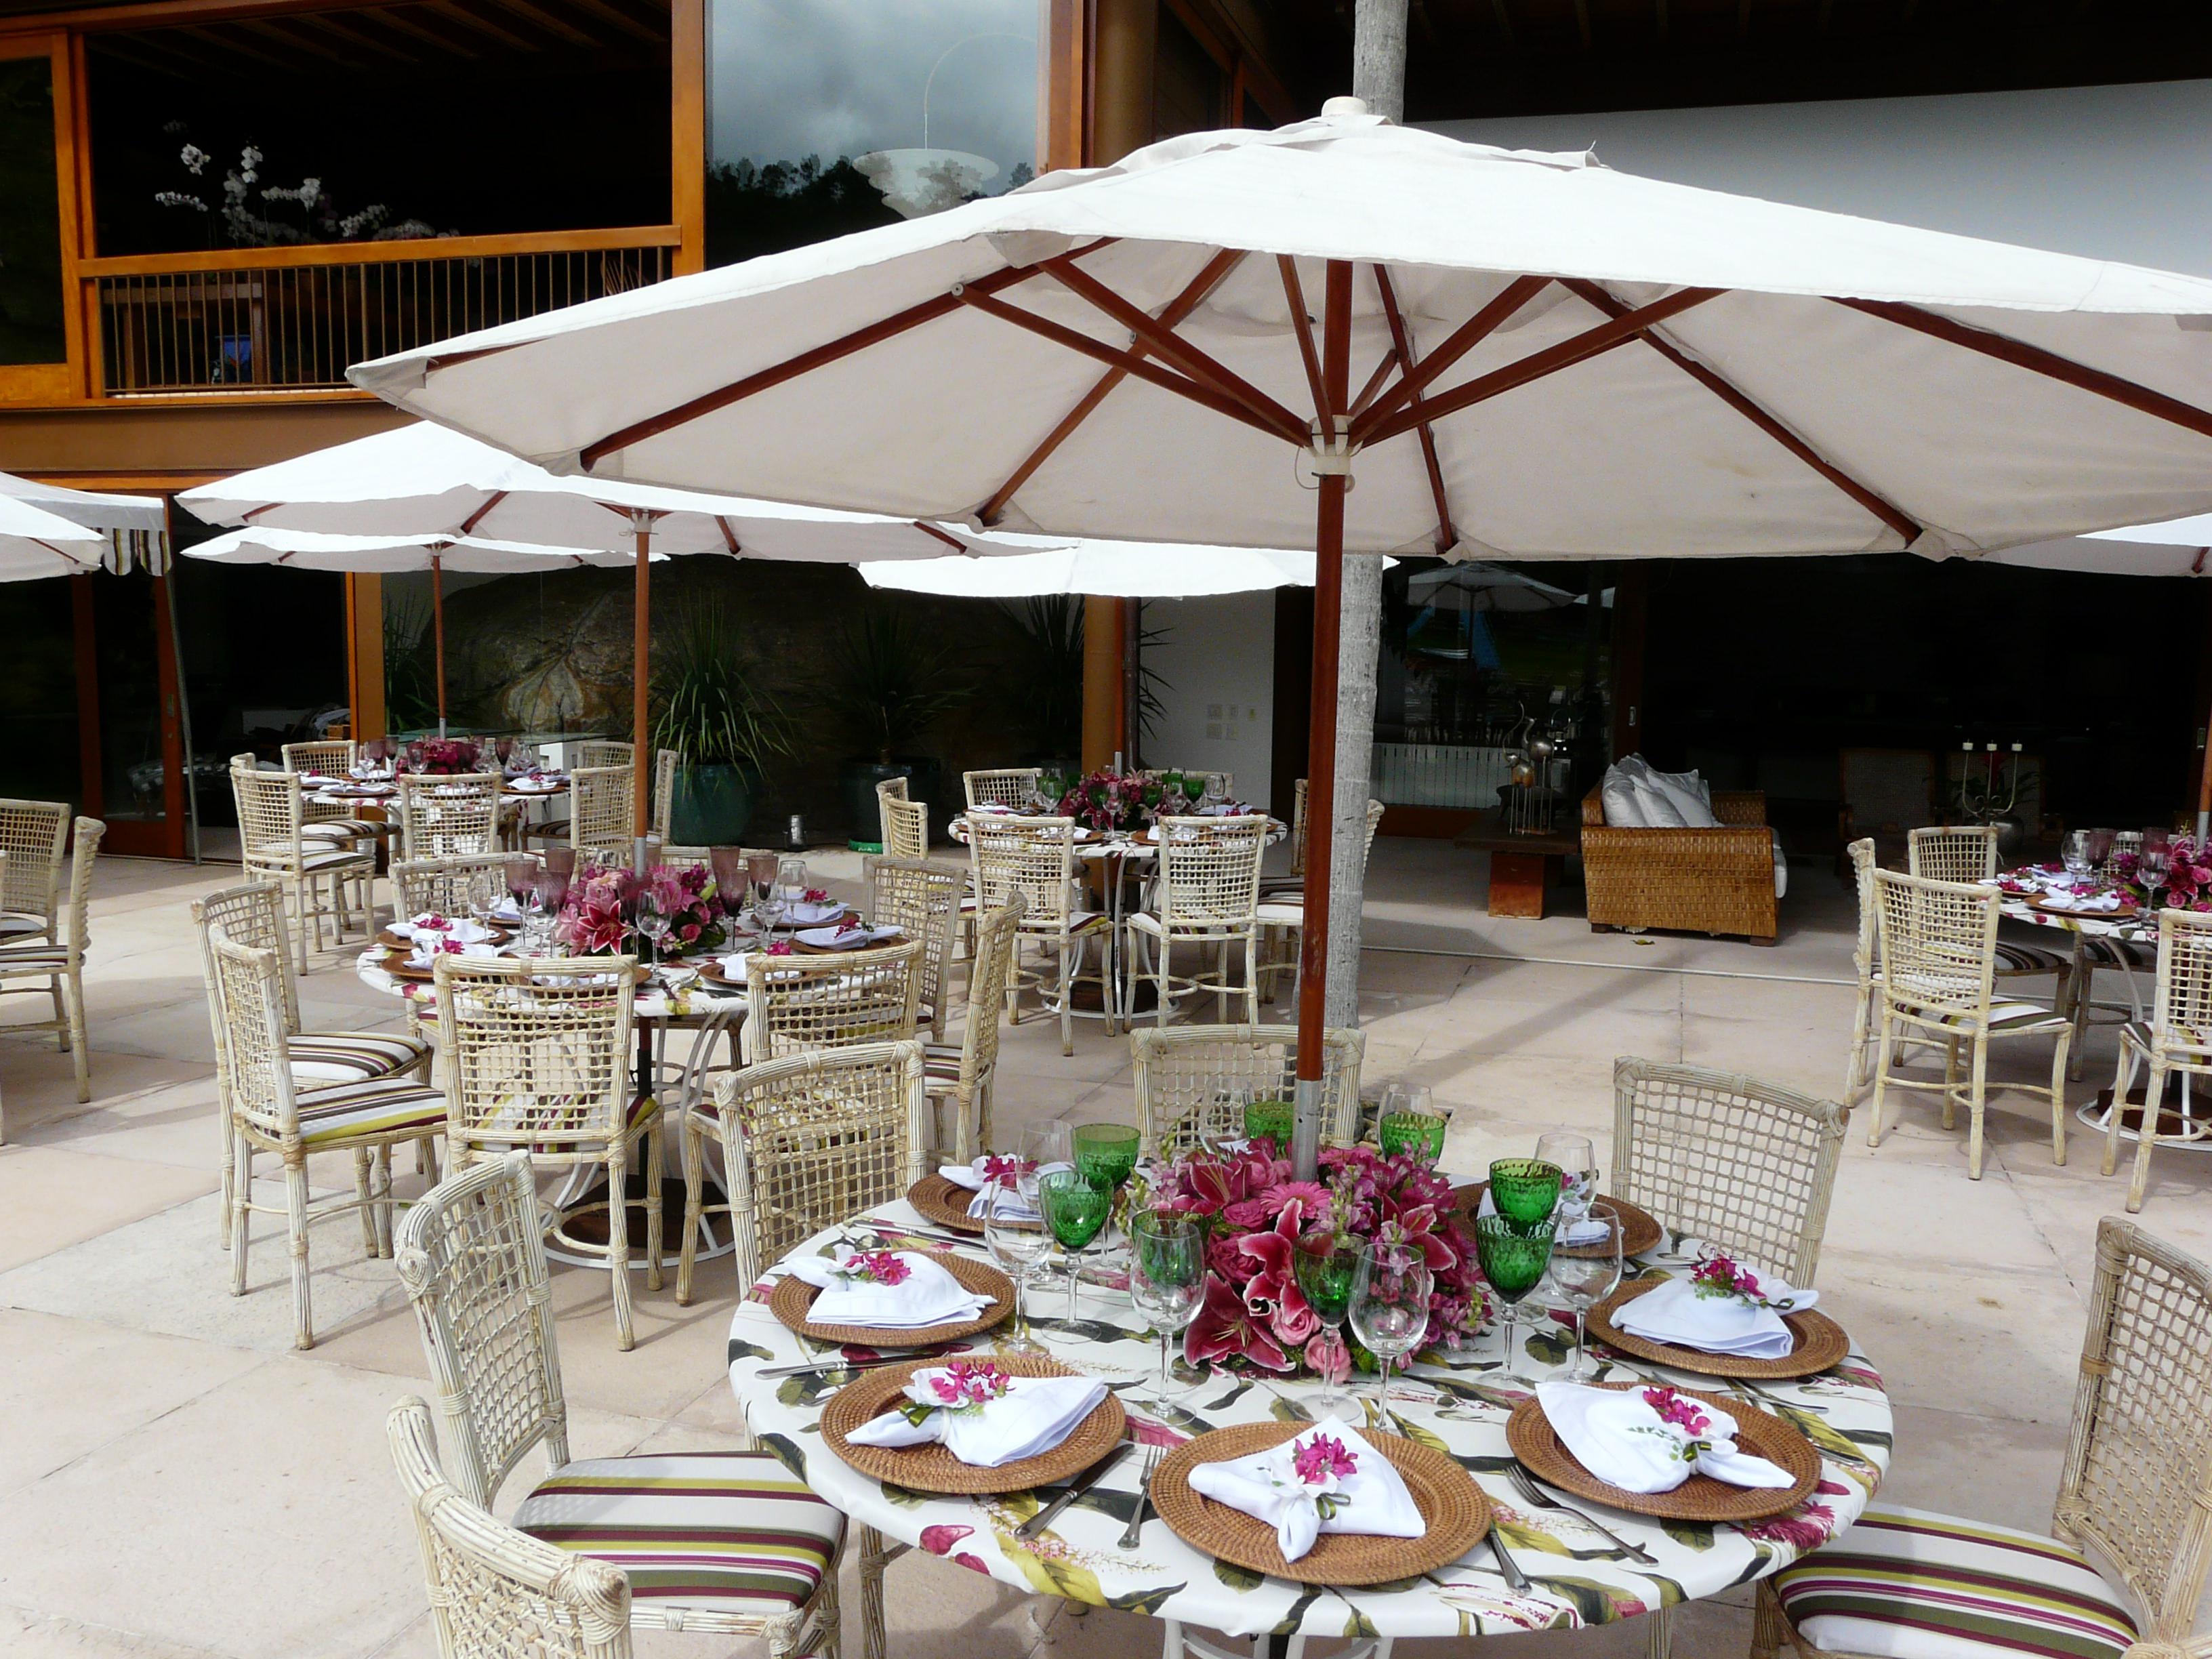 Mesa dos Convidados ao redor da piscina